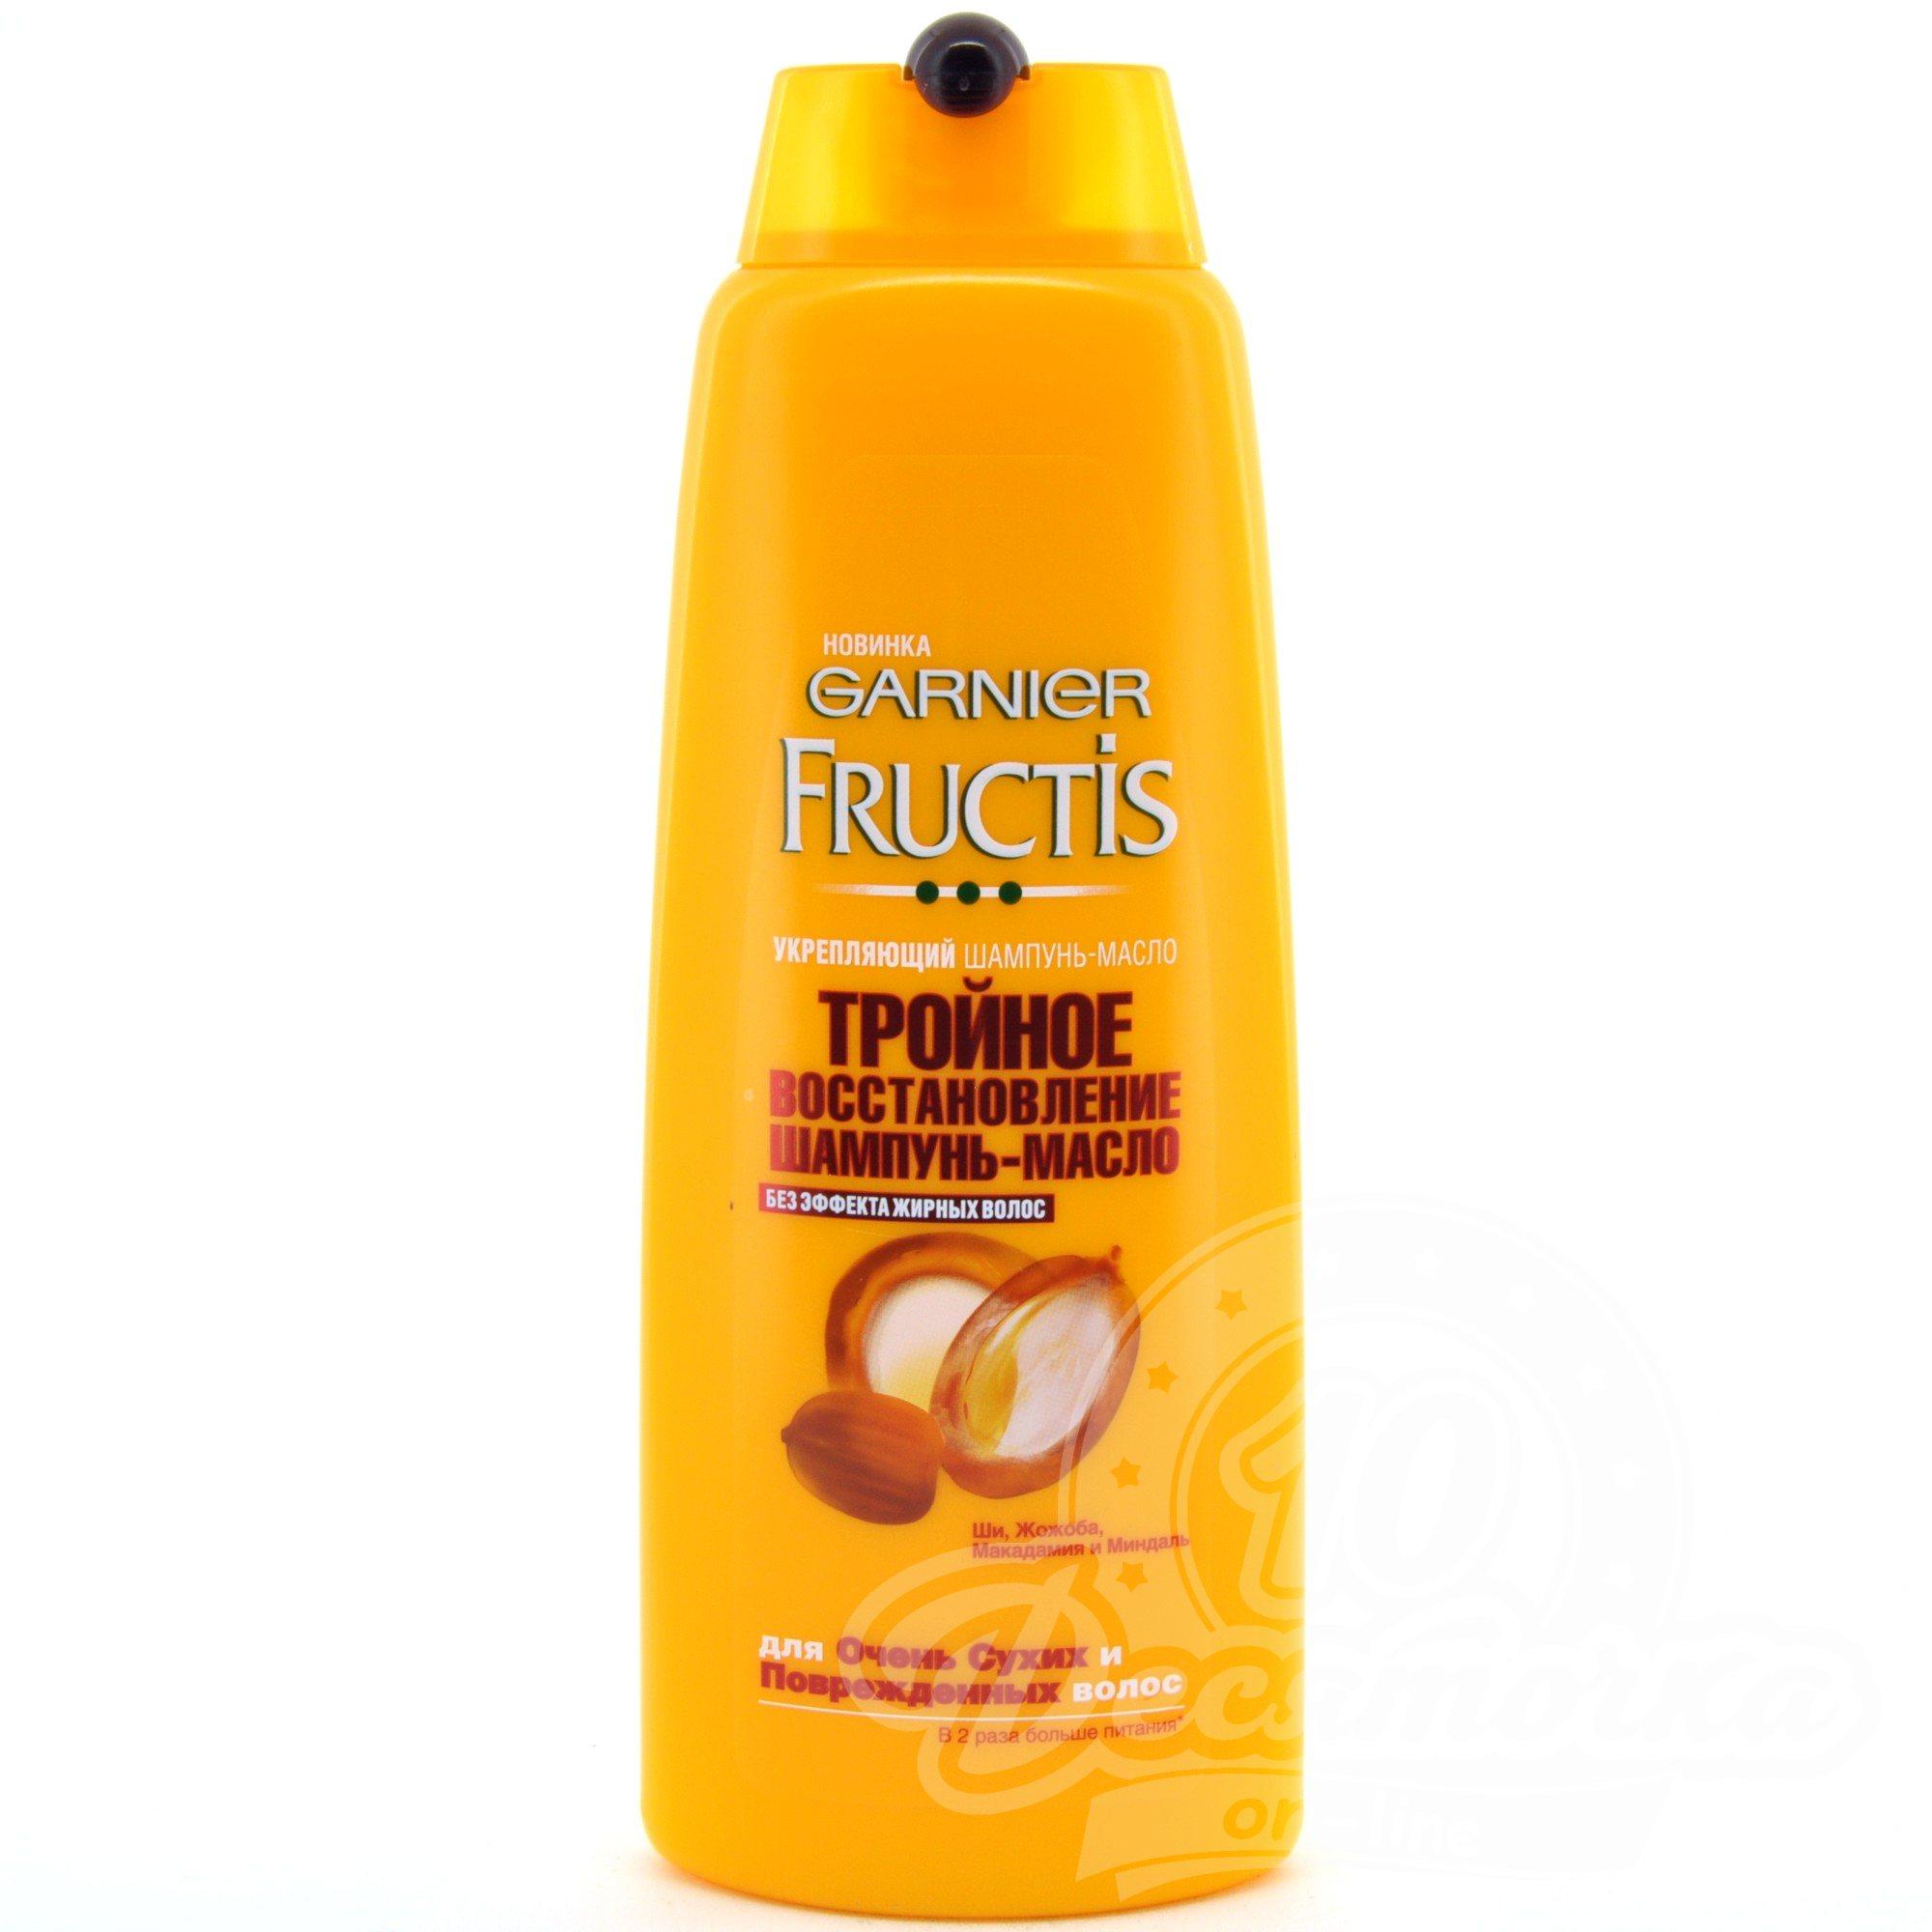 Шампунь-масло Фруктис Тройное восстановление для сухих и поврежденных волос 400мл